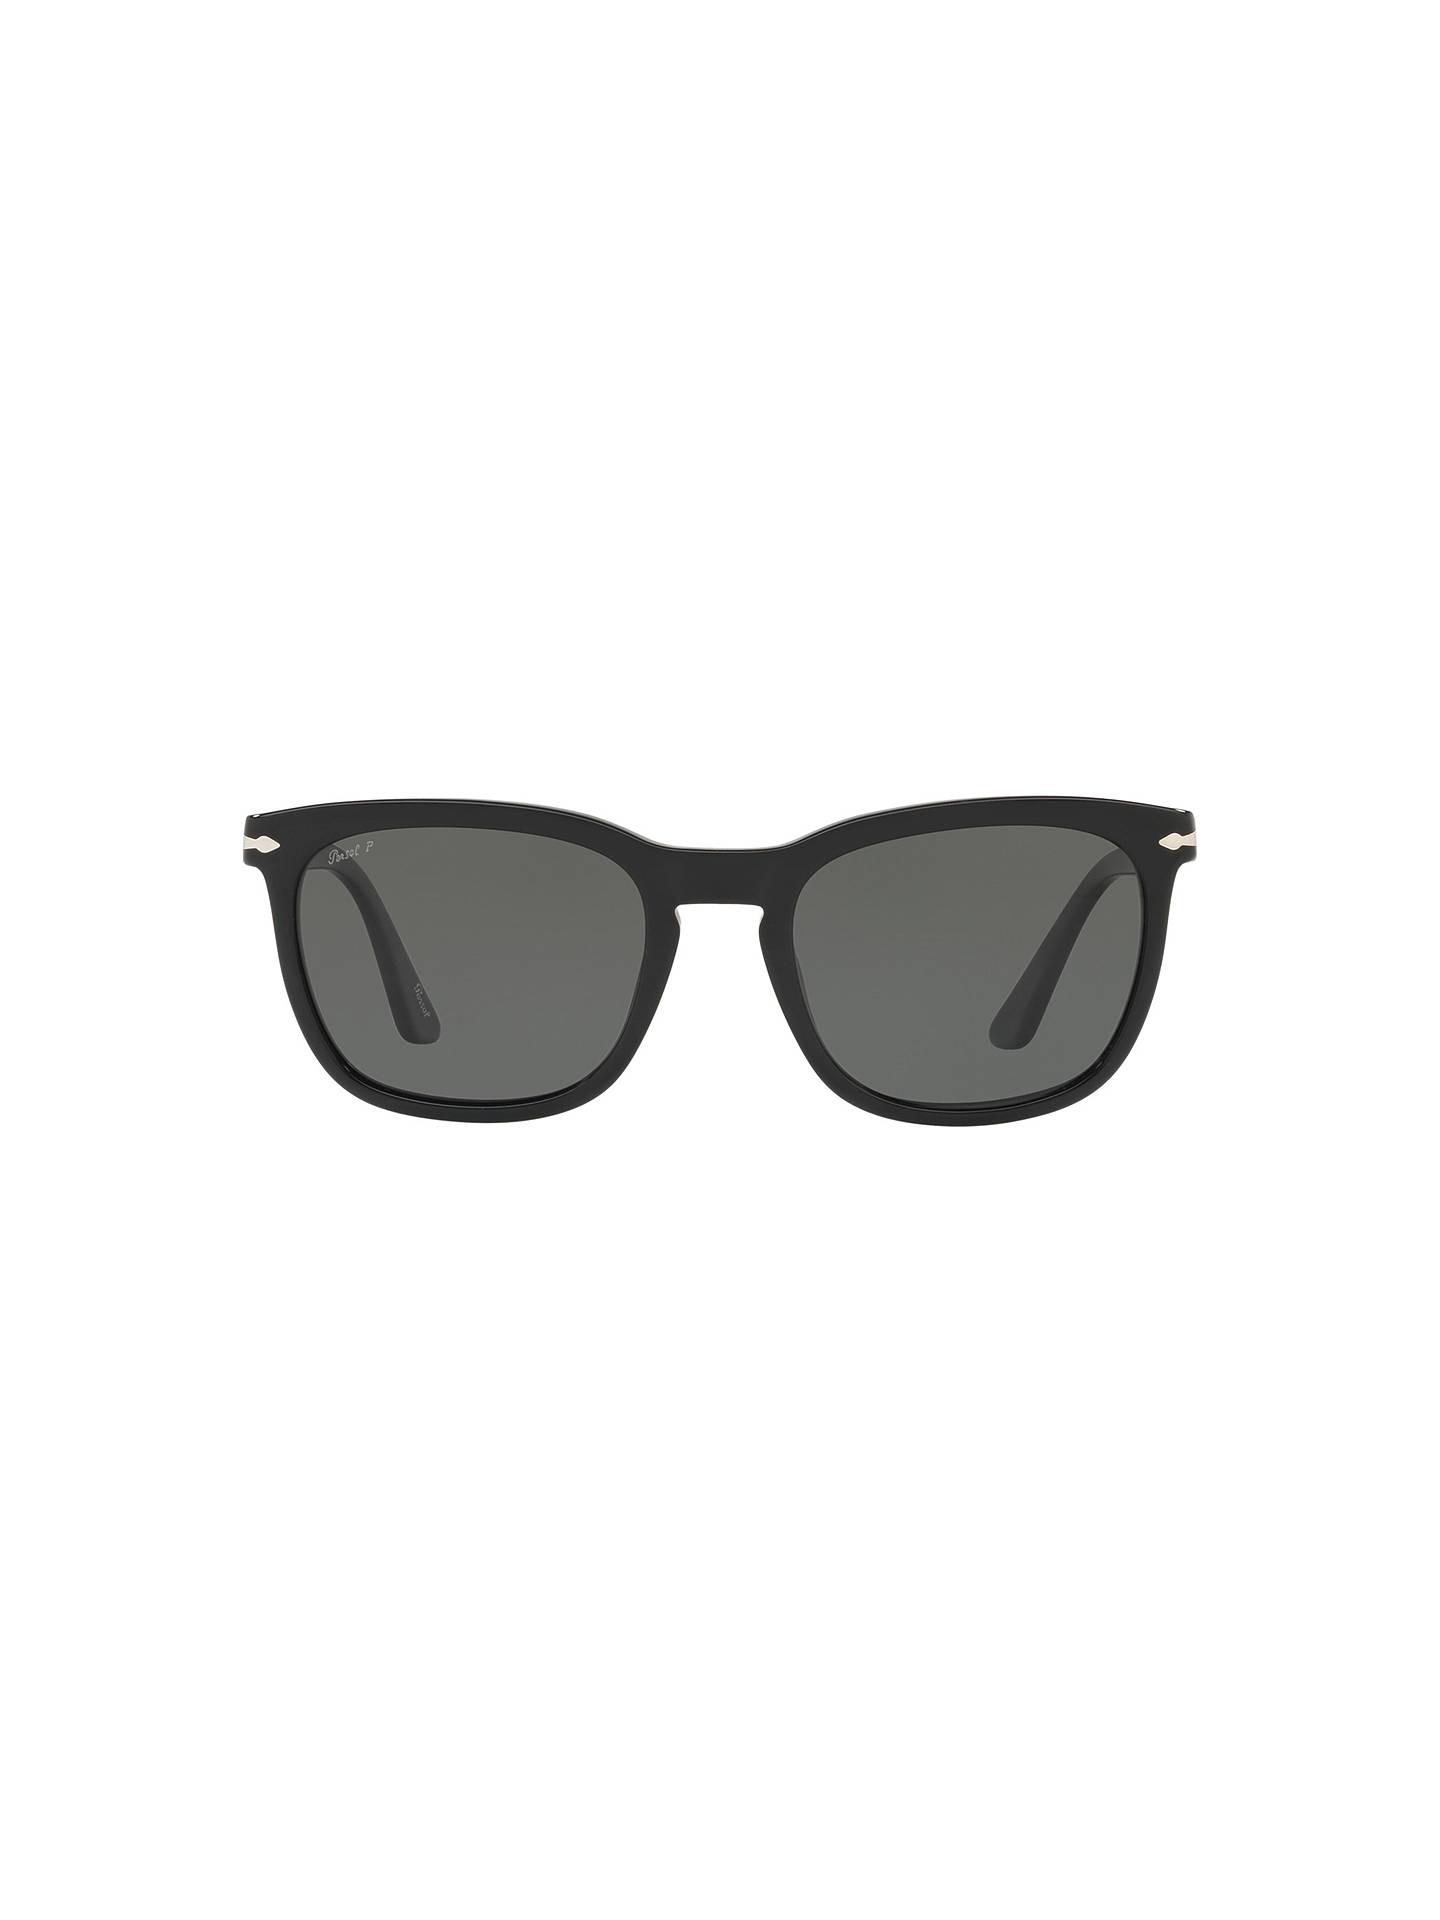 e918c09ef815b Persol PO3193S Men s D-Frame Sunglasses at John Lewis   Partners